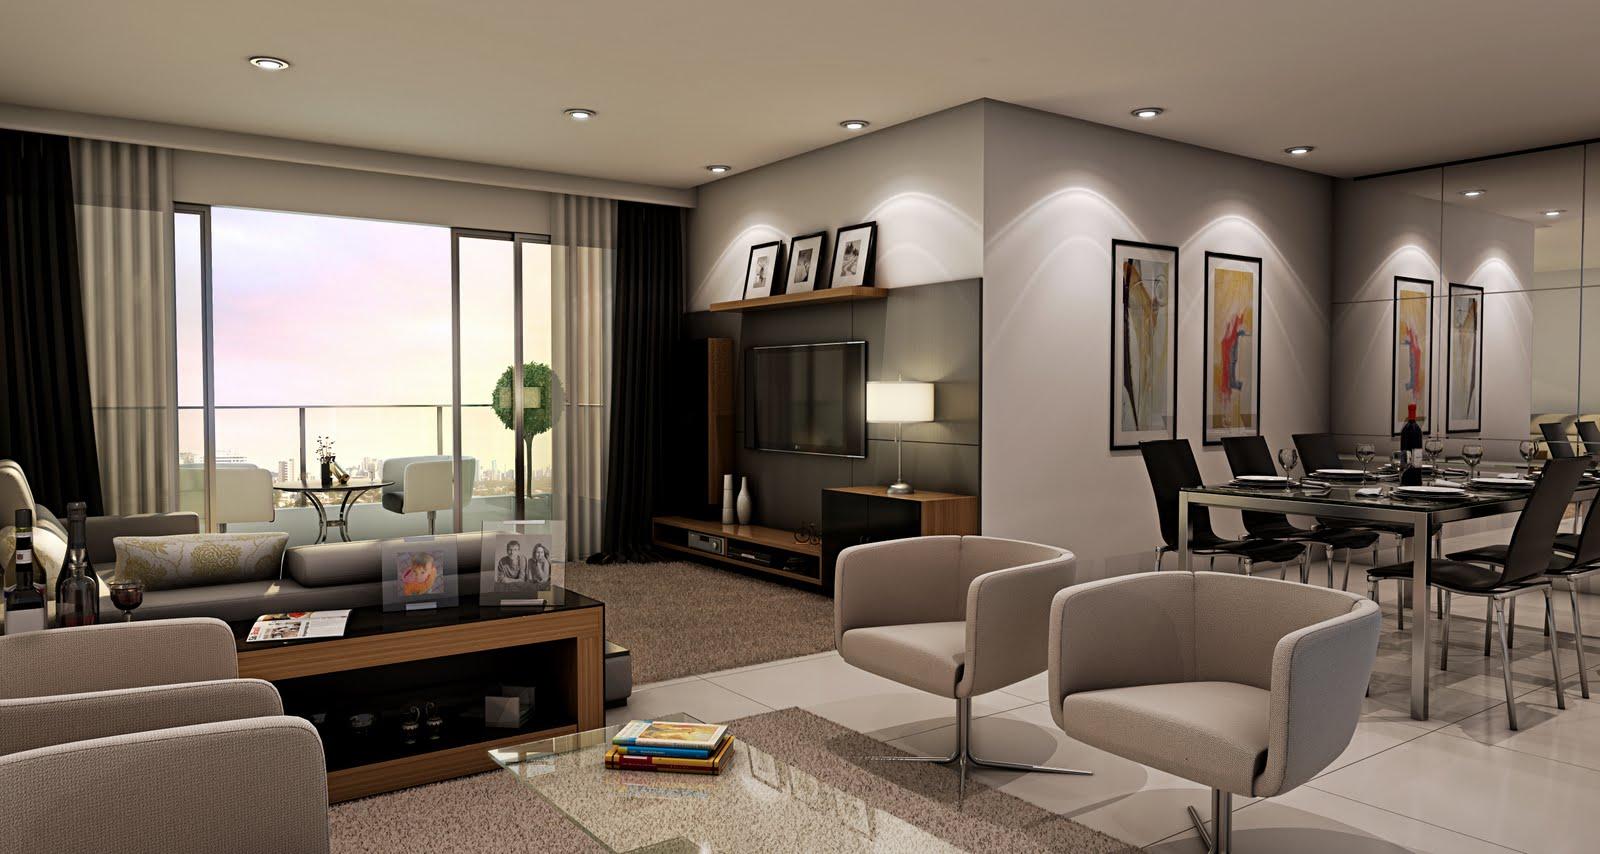 #144564 Apartamento amplo integrando sala de estar sala de jantar e varanda. 1600x854 píxeis em Decoração De Sala De Estar Conjugada Com Sala De Tv